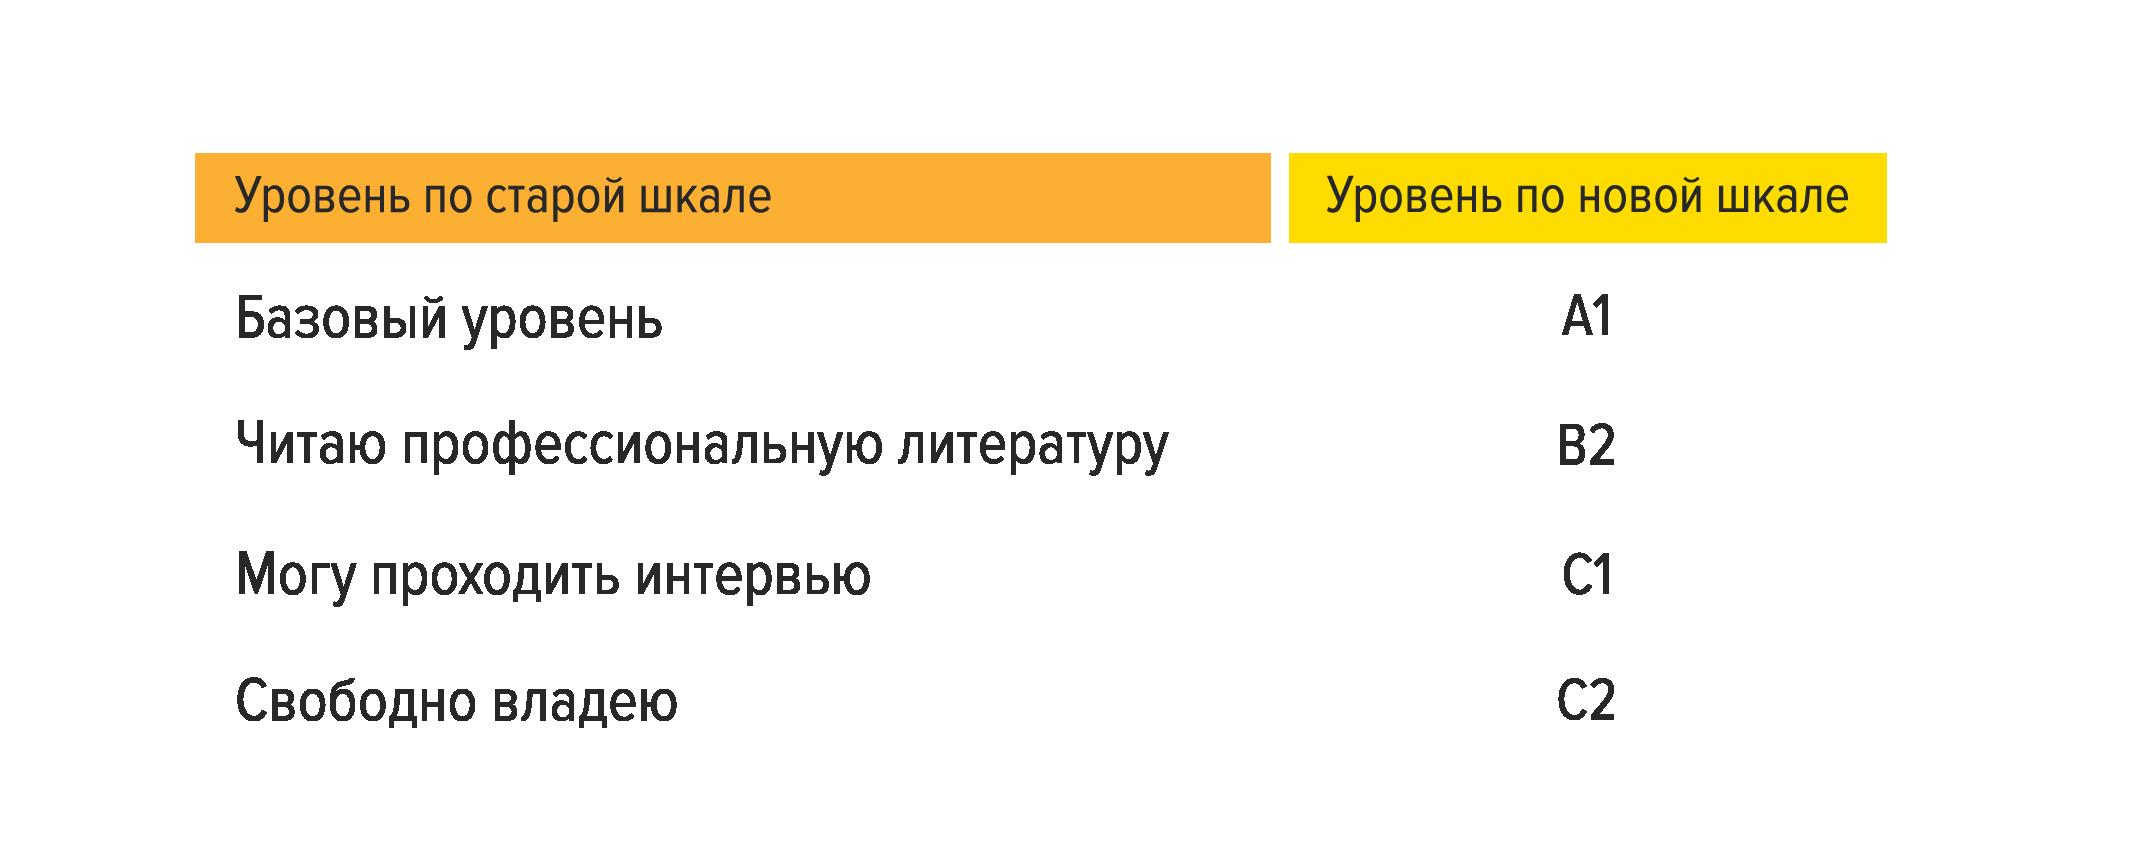 Оценка владения иностранными языками указывается в резюме по-новому